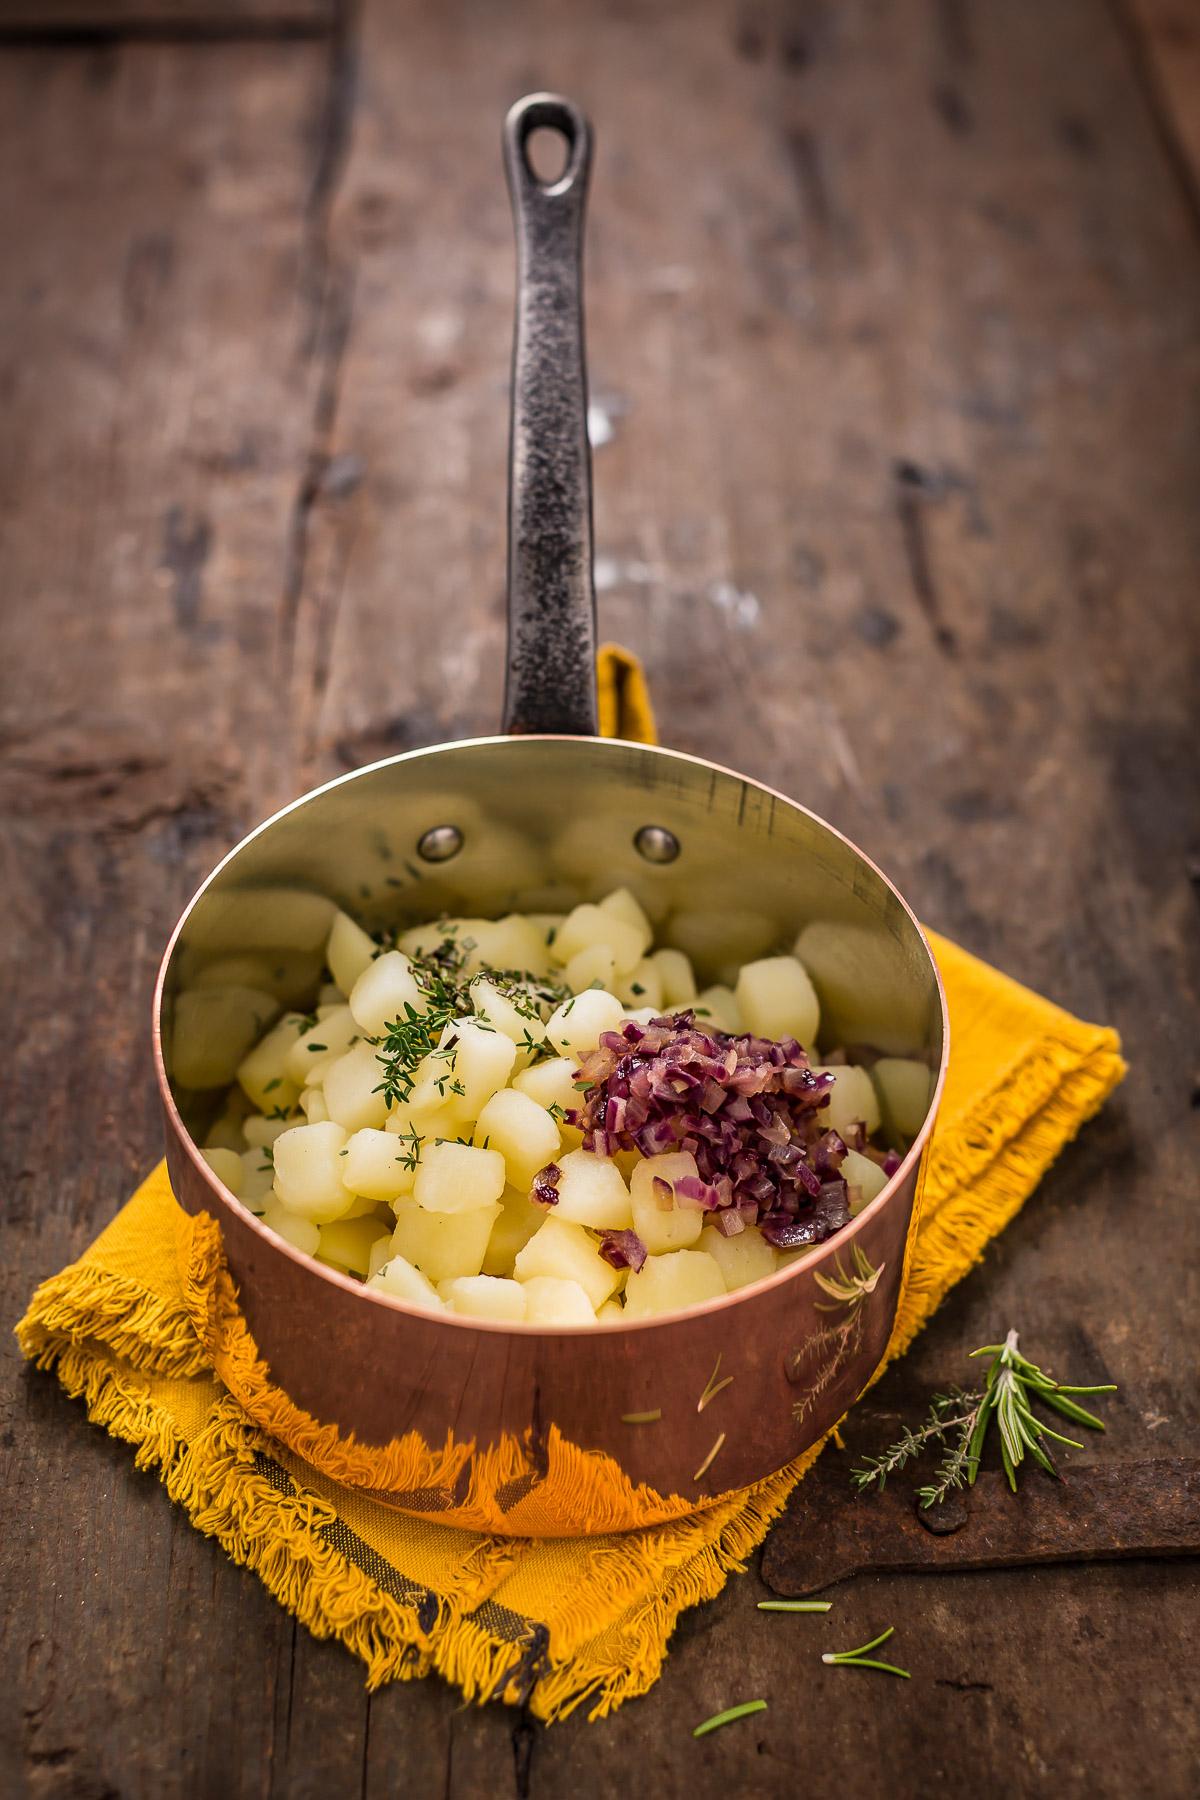 Italian Vegan BAKED STUFFED #ARTICHOKES with potato #glutenfree Ricetta CARCIOFI RIPIENI #VEGAN al FORNO con PATATE gratinati senza glutine light